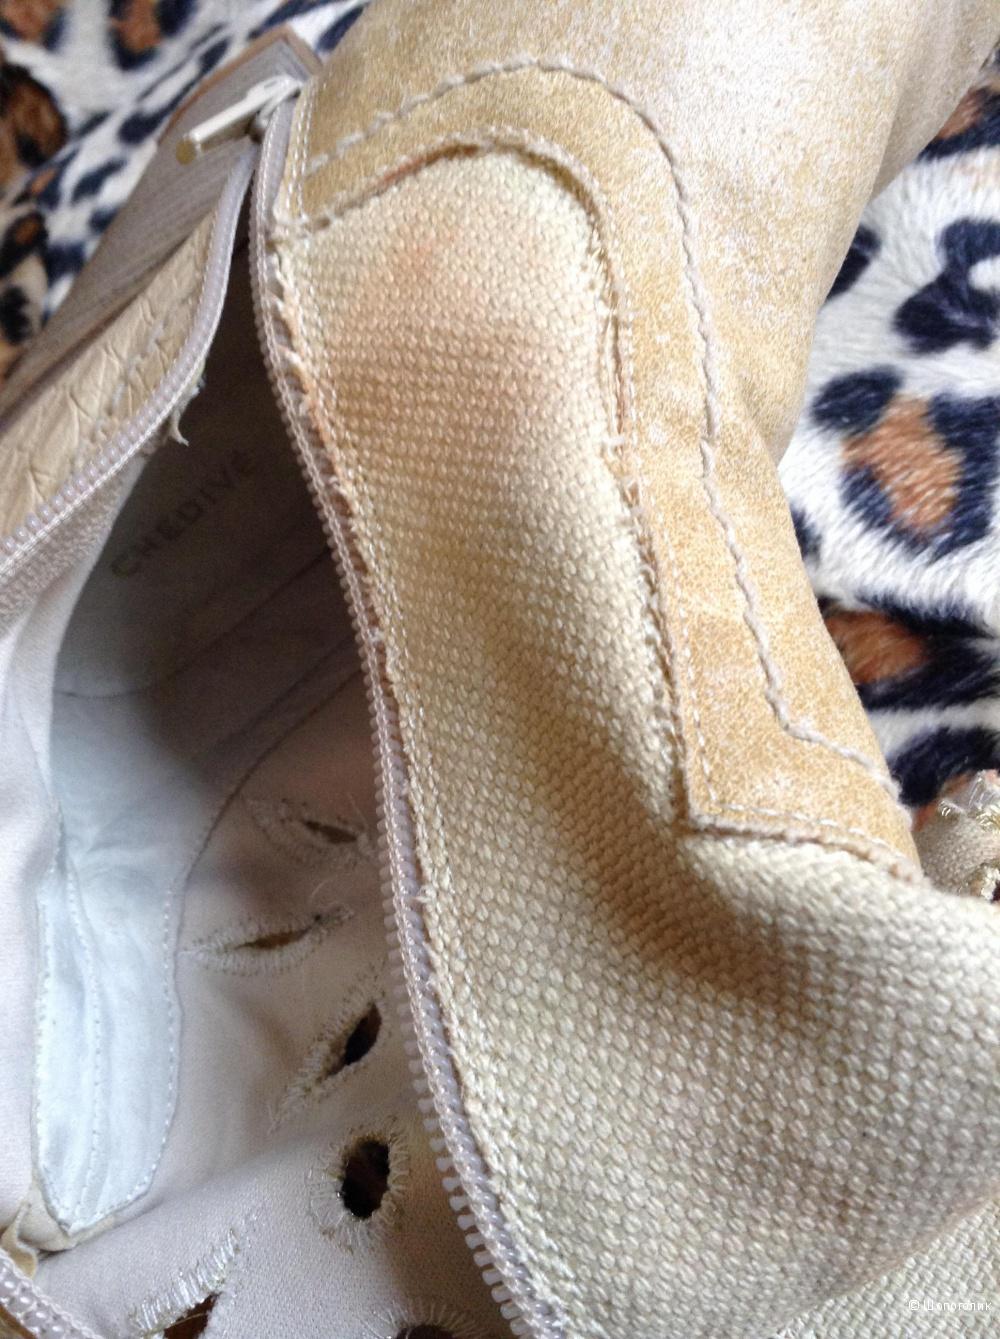 Сапоги,40 размер Италия,из рогожки с кожзамом,раскрашенные